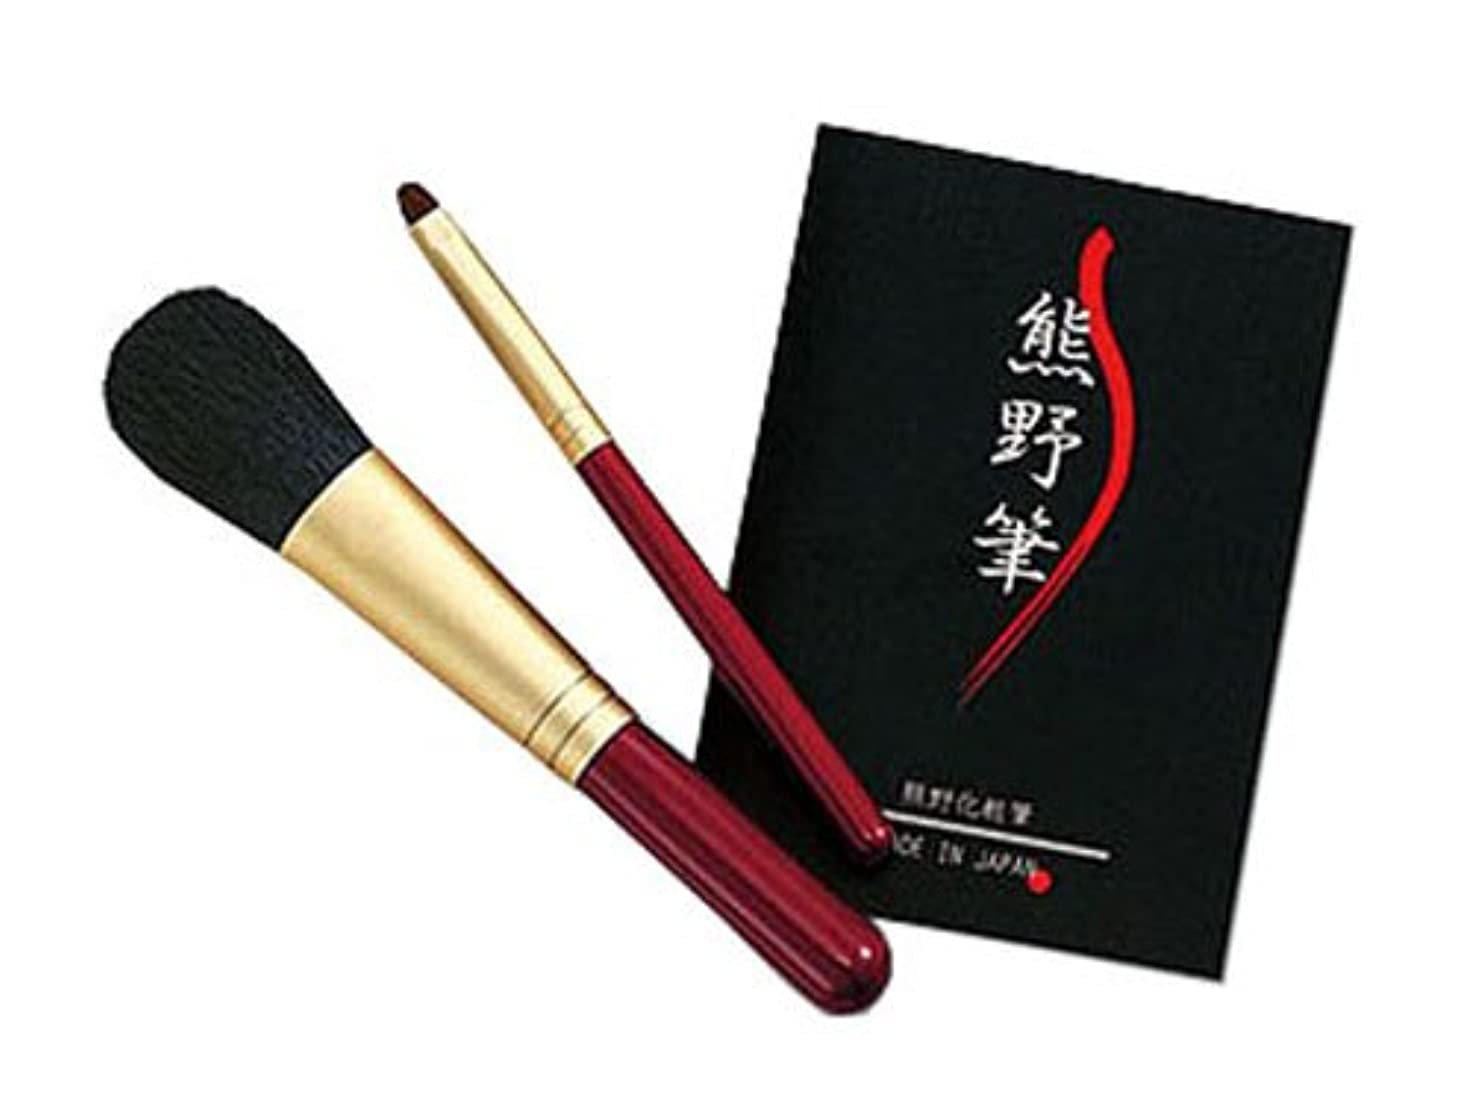 反対する申請者無視熊野筆 化粧筆セット 筆の心 KFi-50R